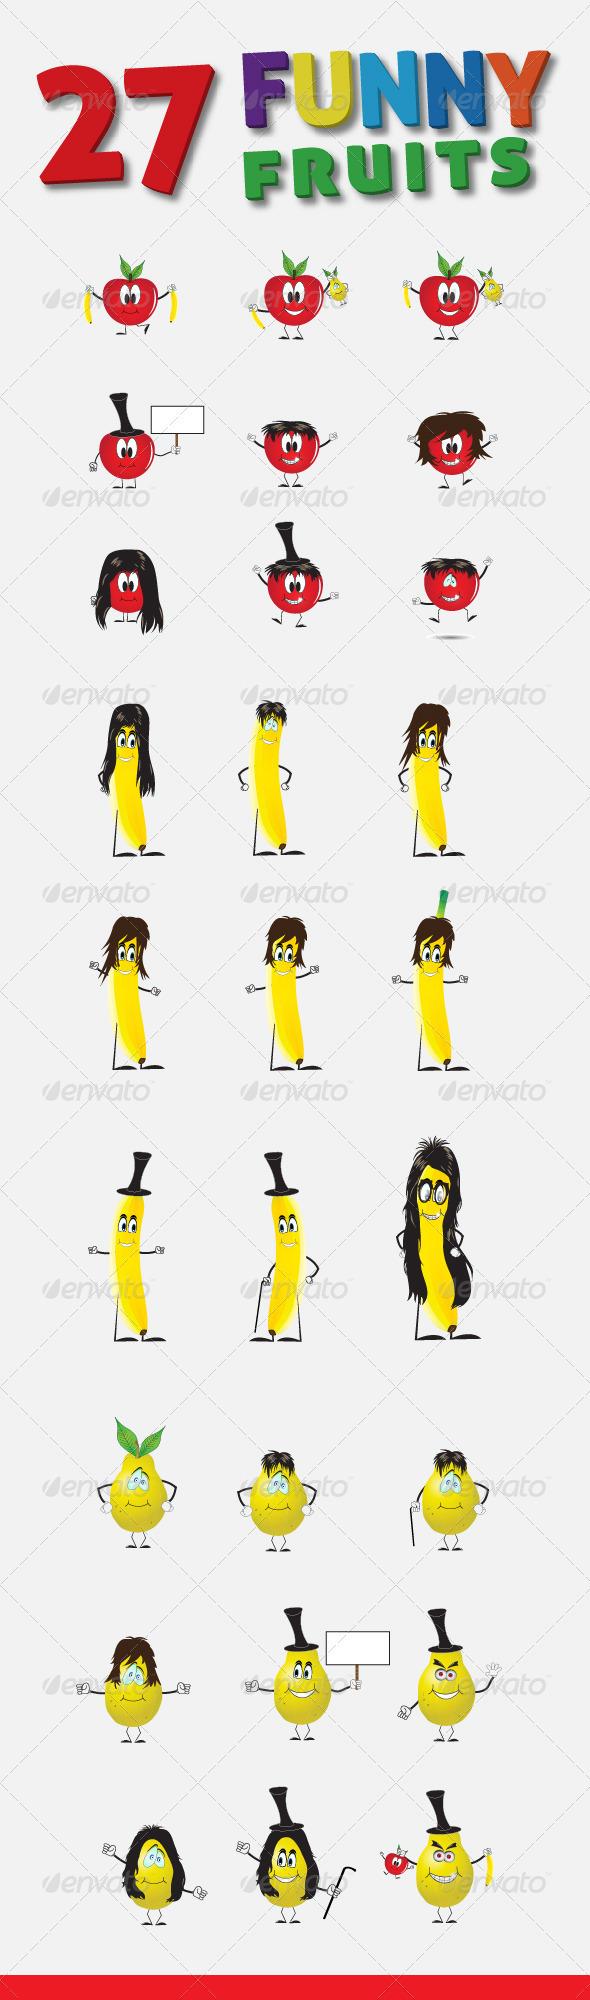 27 Funny Fruits Vector Characters - Characters Vectors